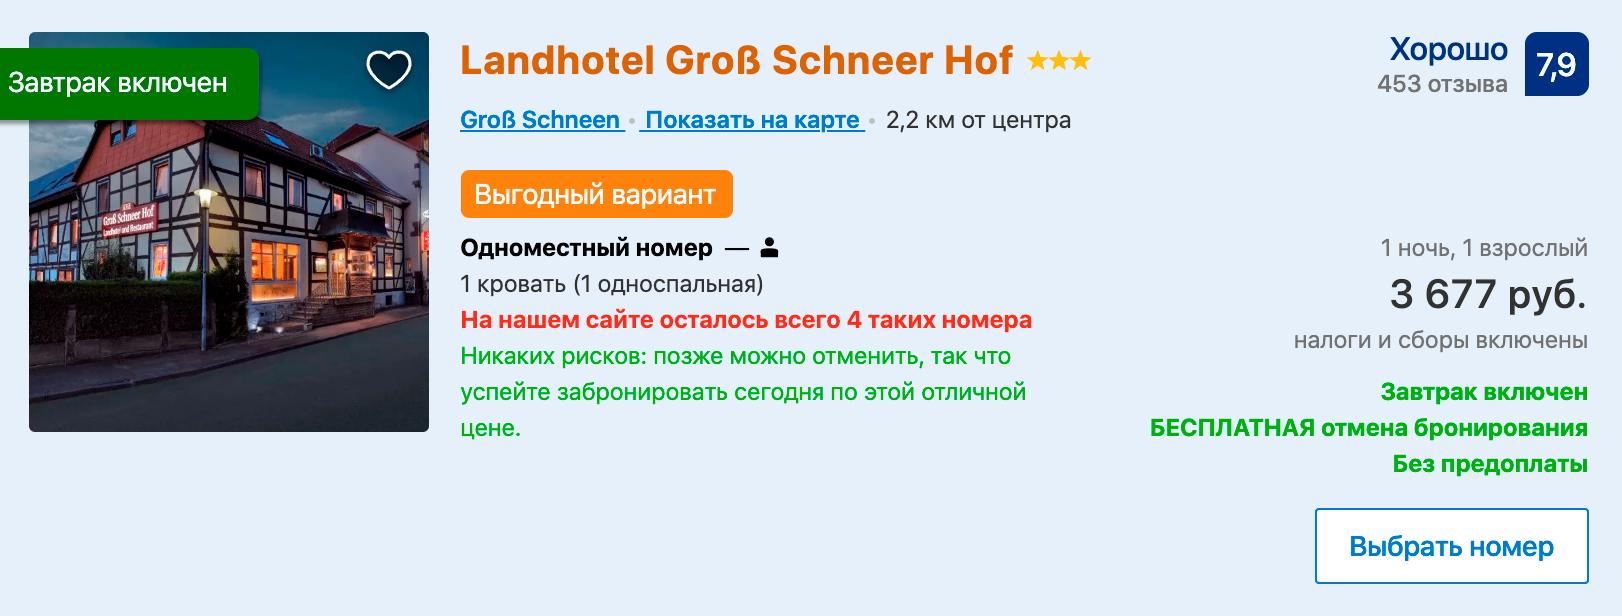 Цены в гостиницах неподалеку начинаются от 3500<span class=ruble>Р</span> за ночь